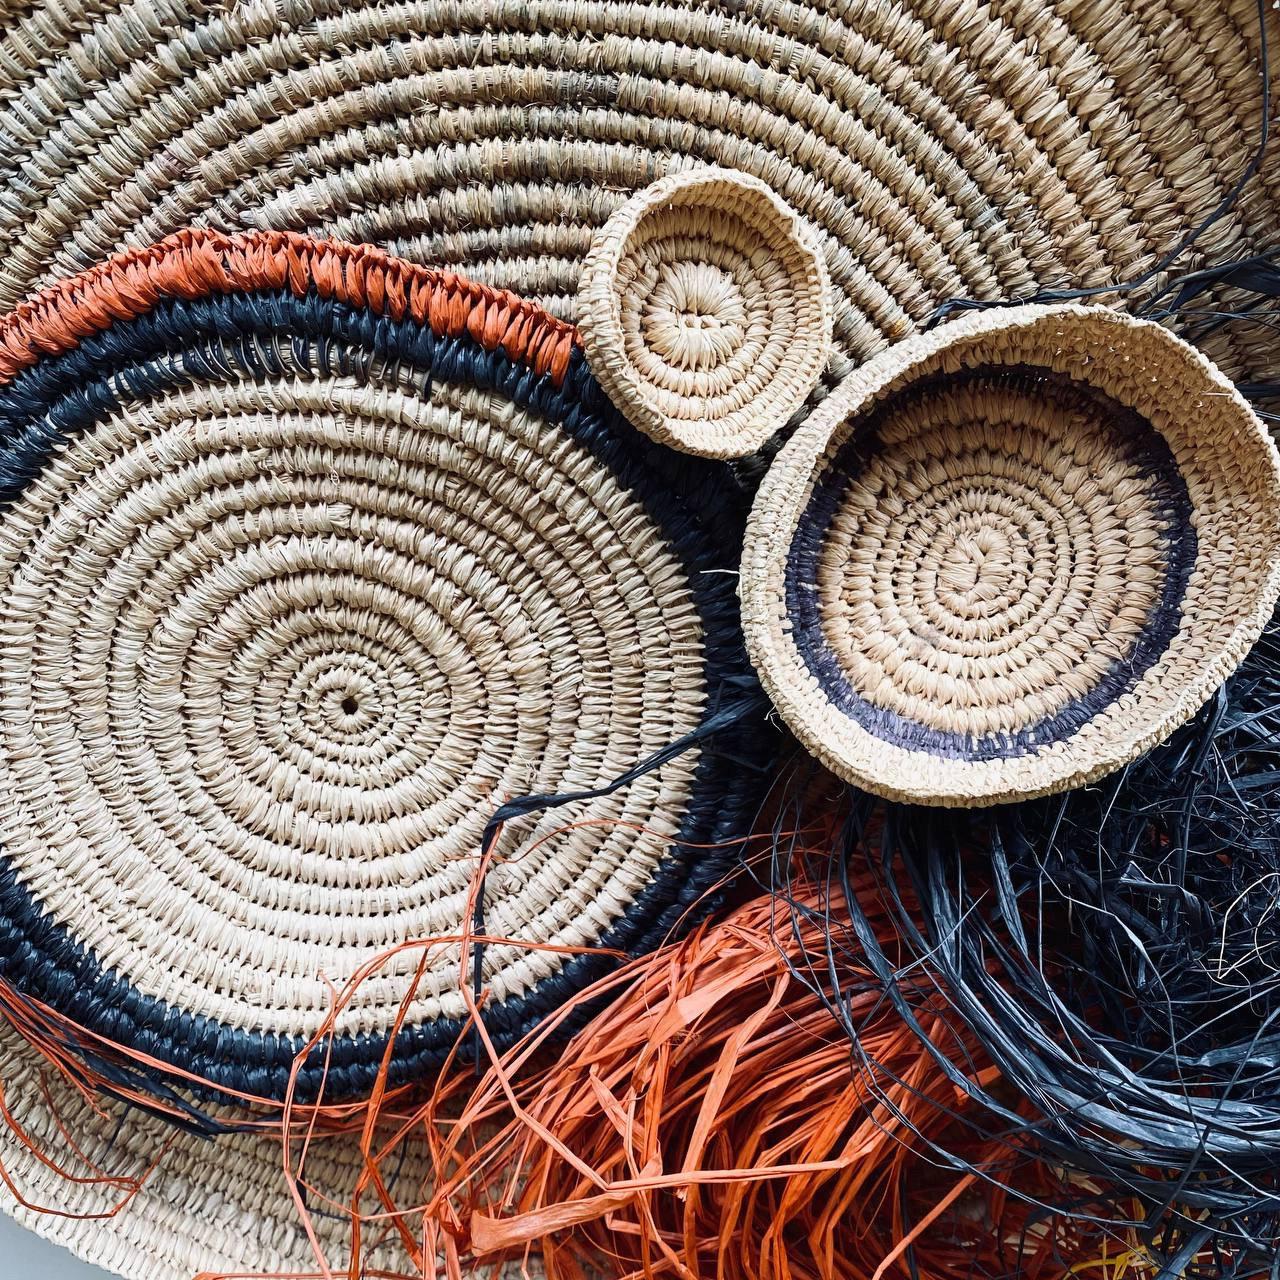 Raffia Basket Weaving Thursday August 12